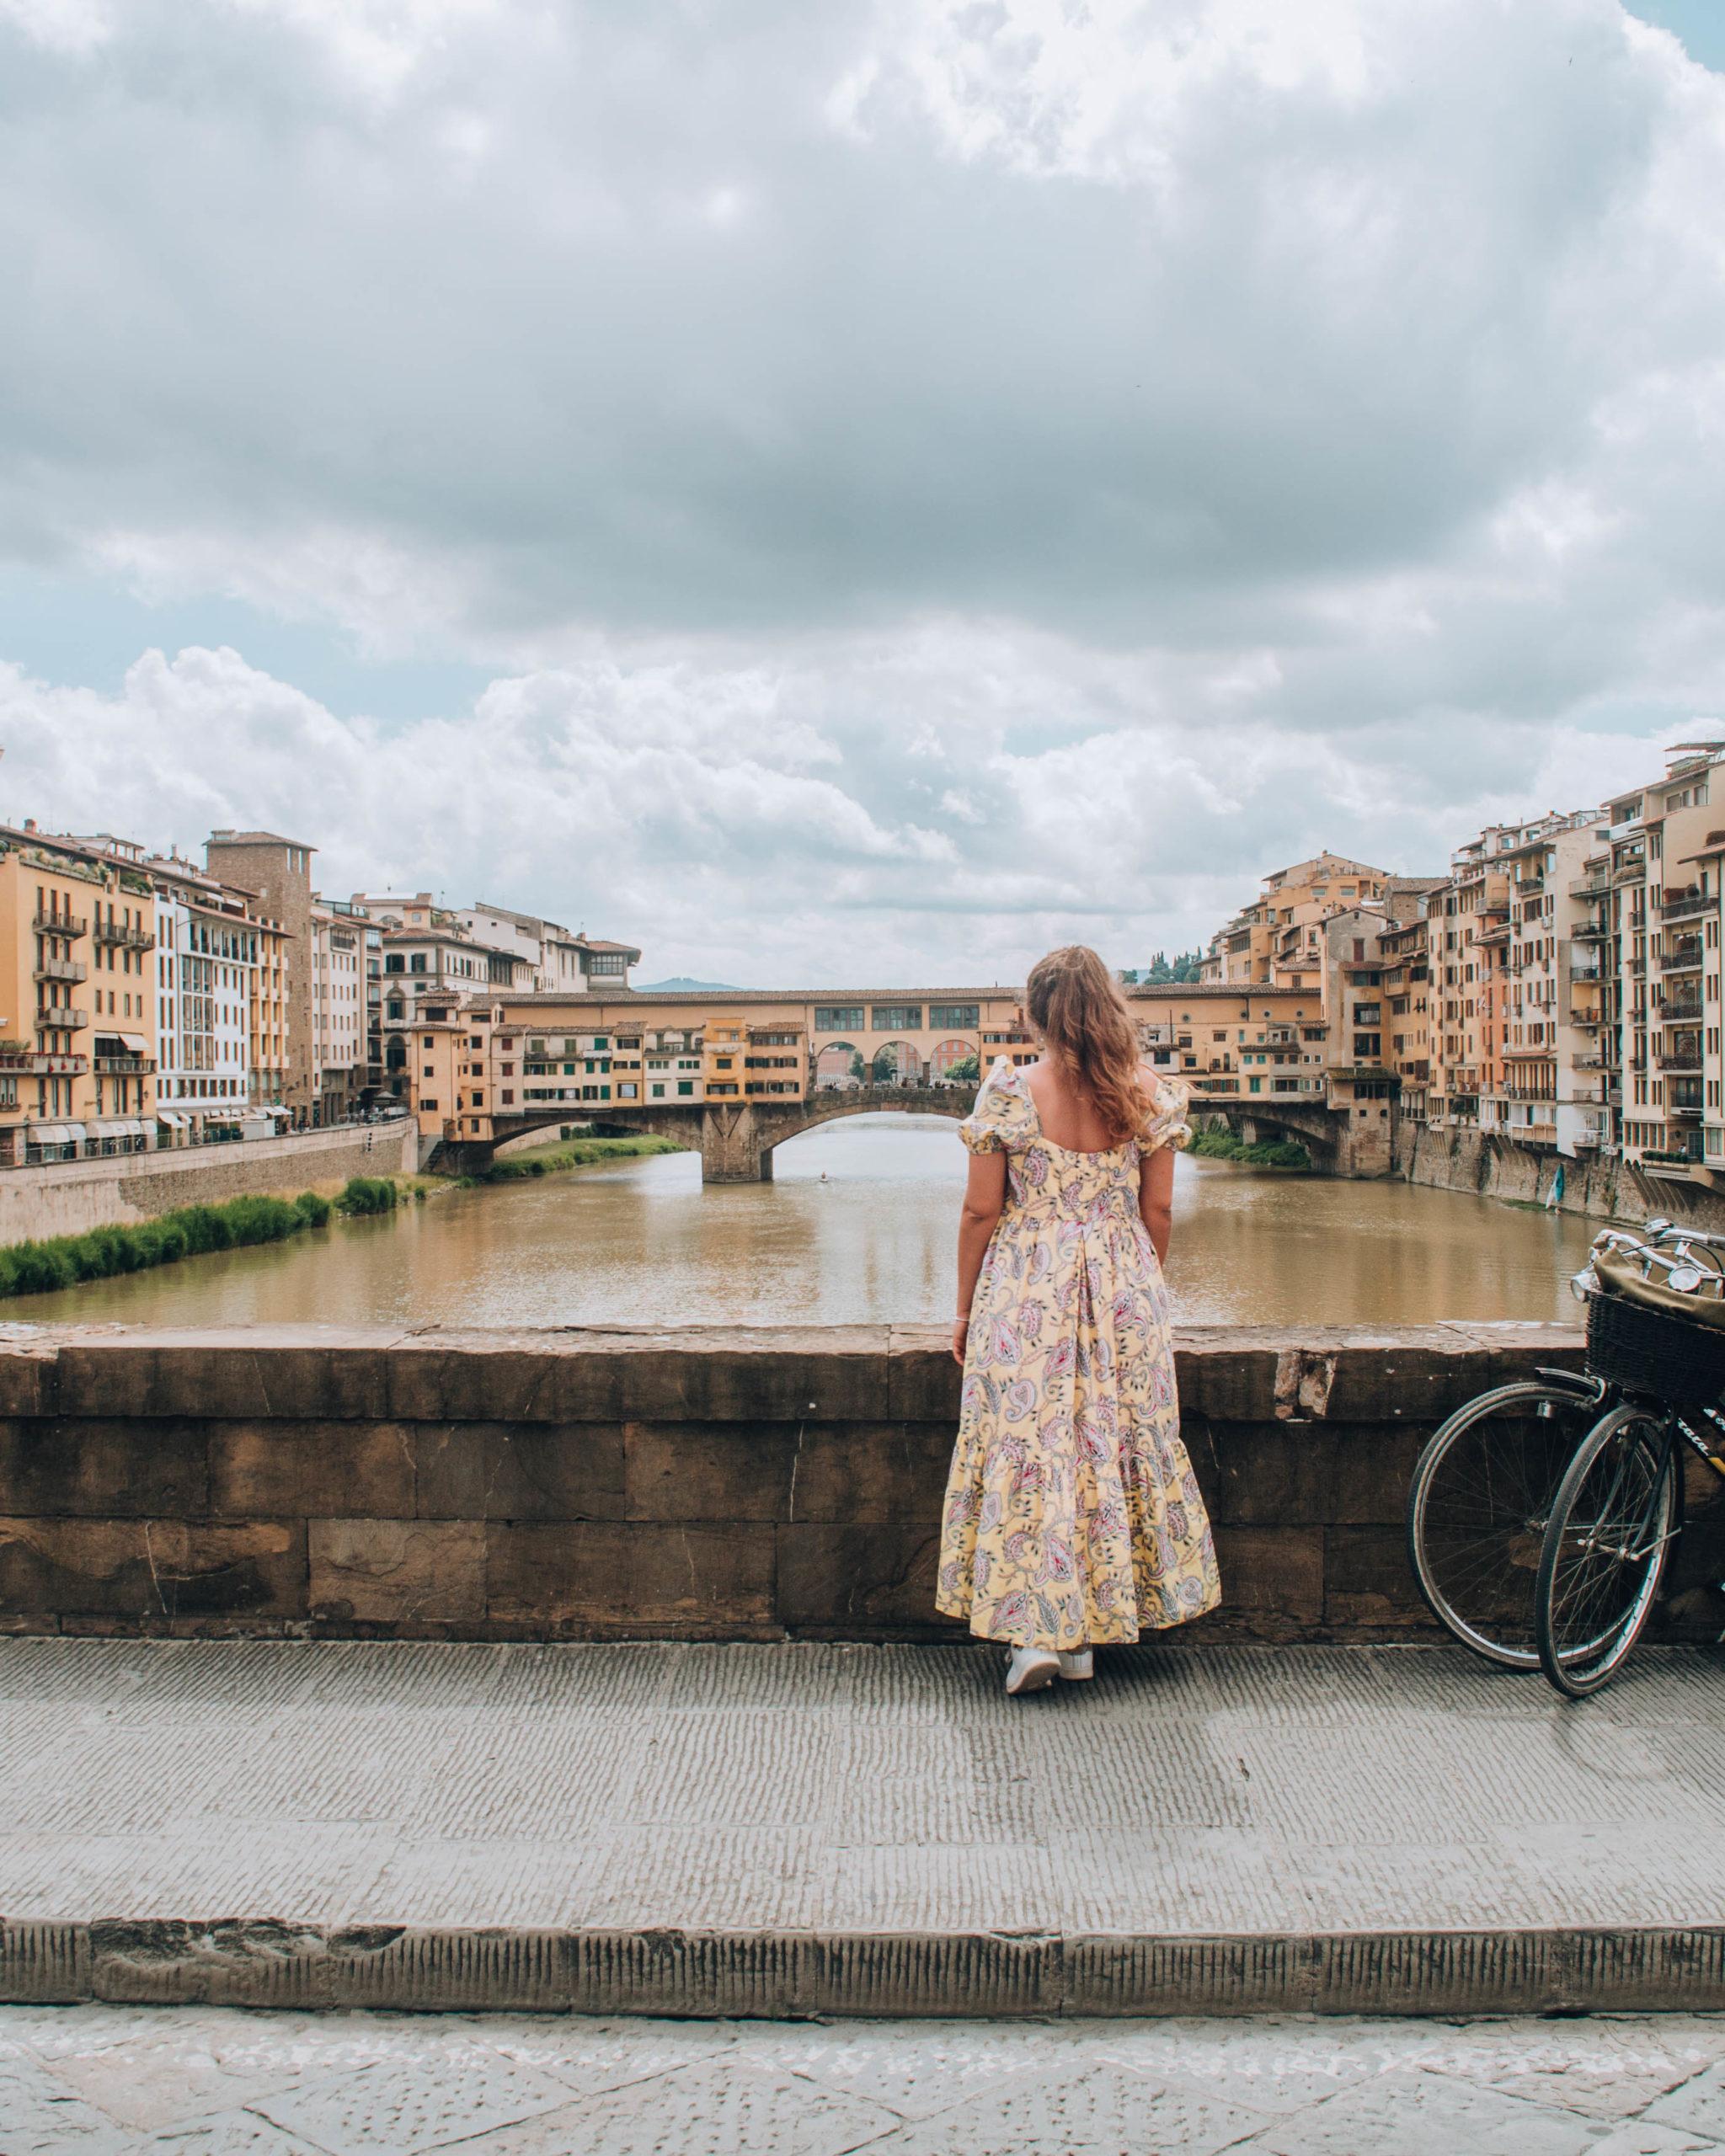 ragazza di spalle con vestito giallo davanti a ponte su fiume